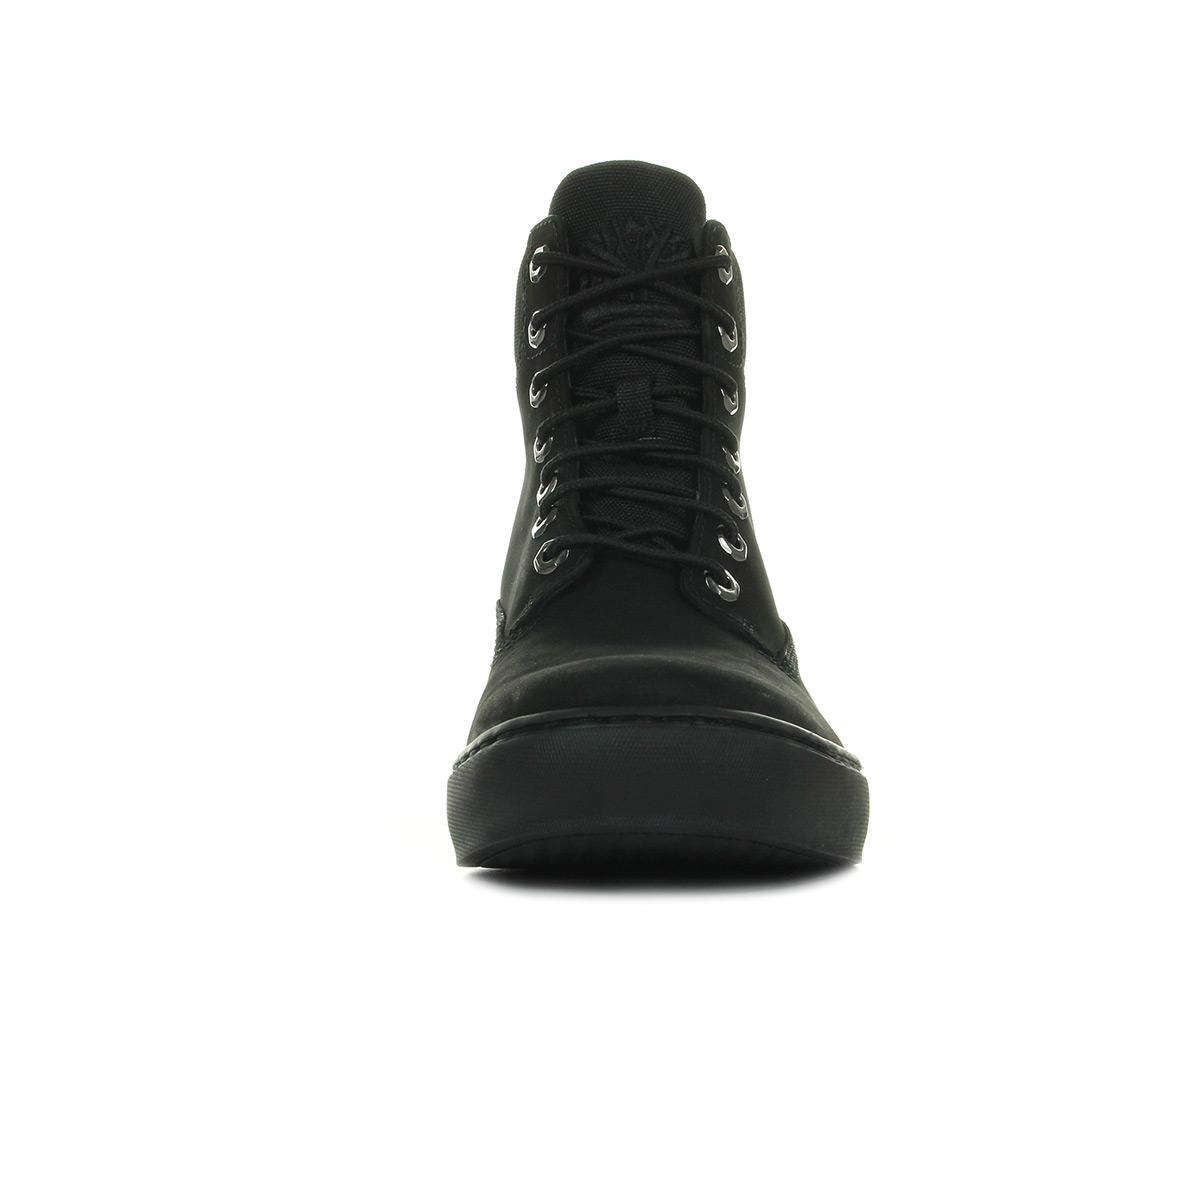 Timberland Ek Newmarket CA1156, Boots homme